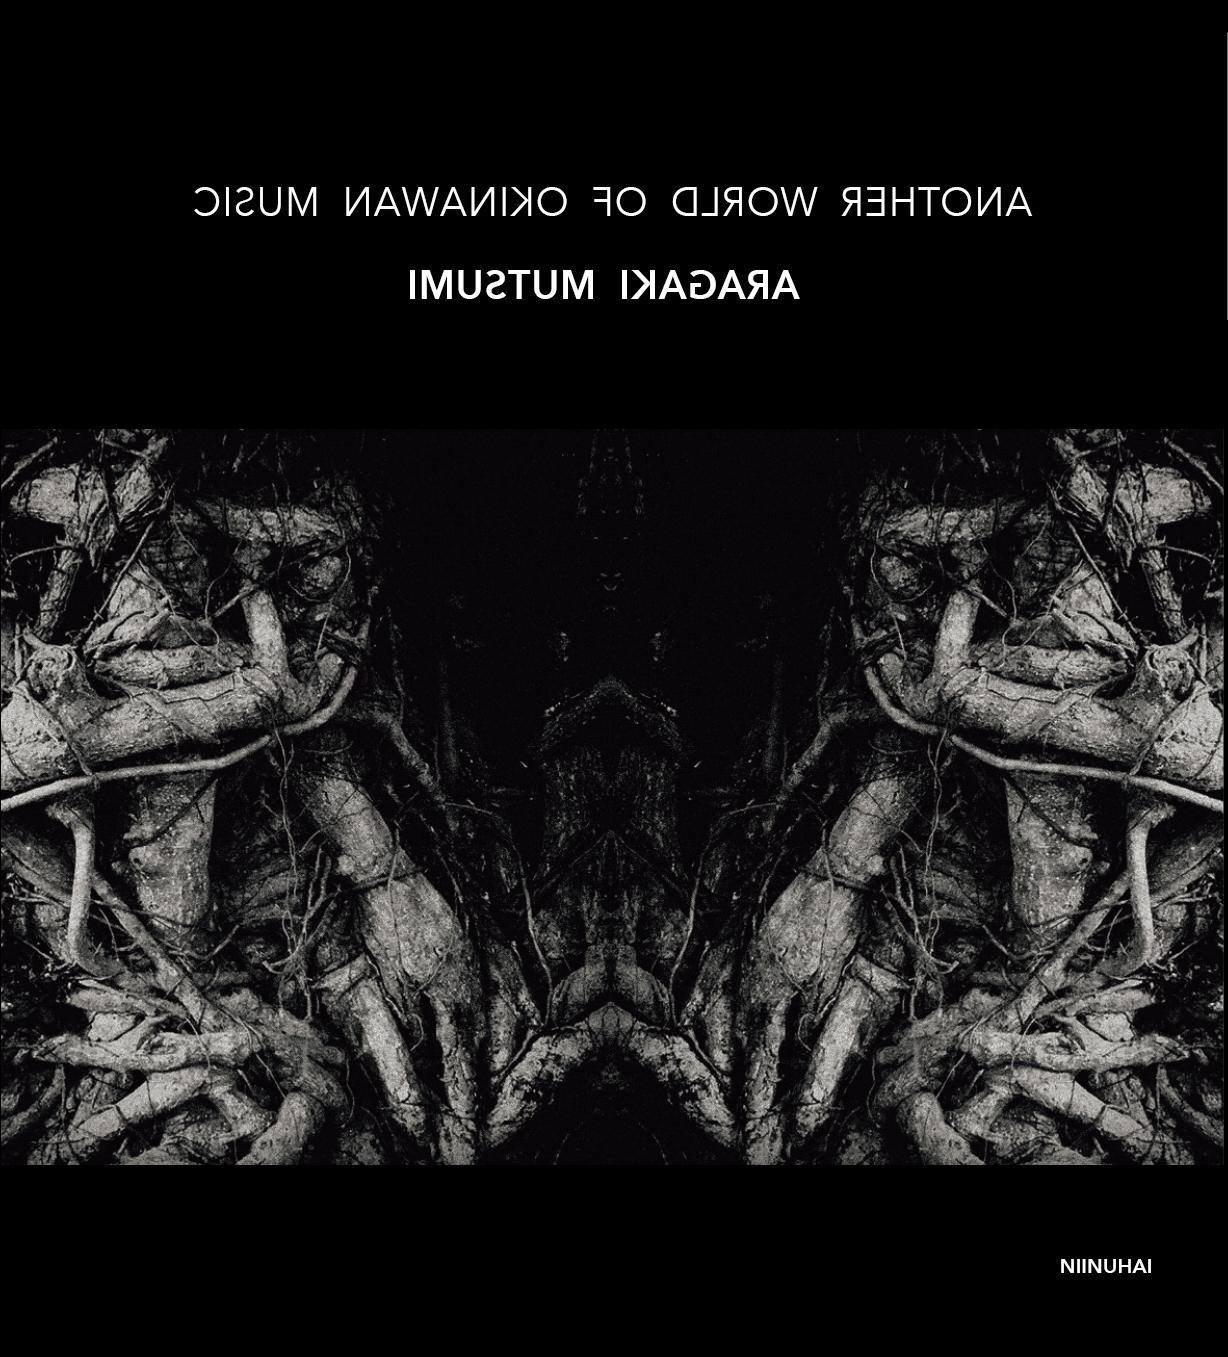 新垣睦美『ANOTHER WORLD OF OKINAWAN MUSIC』